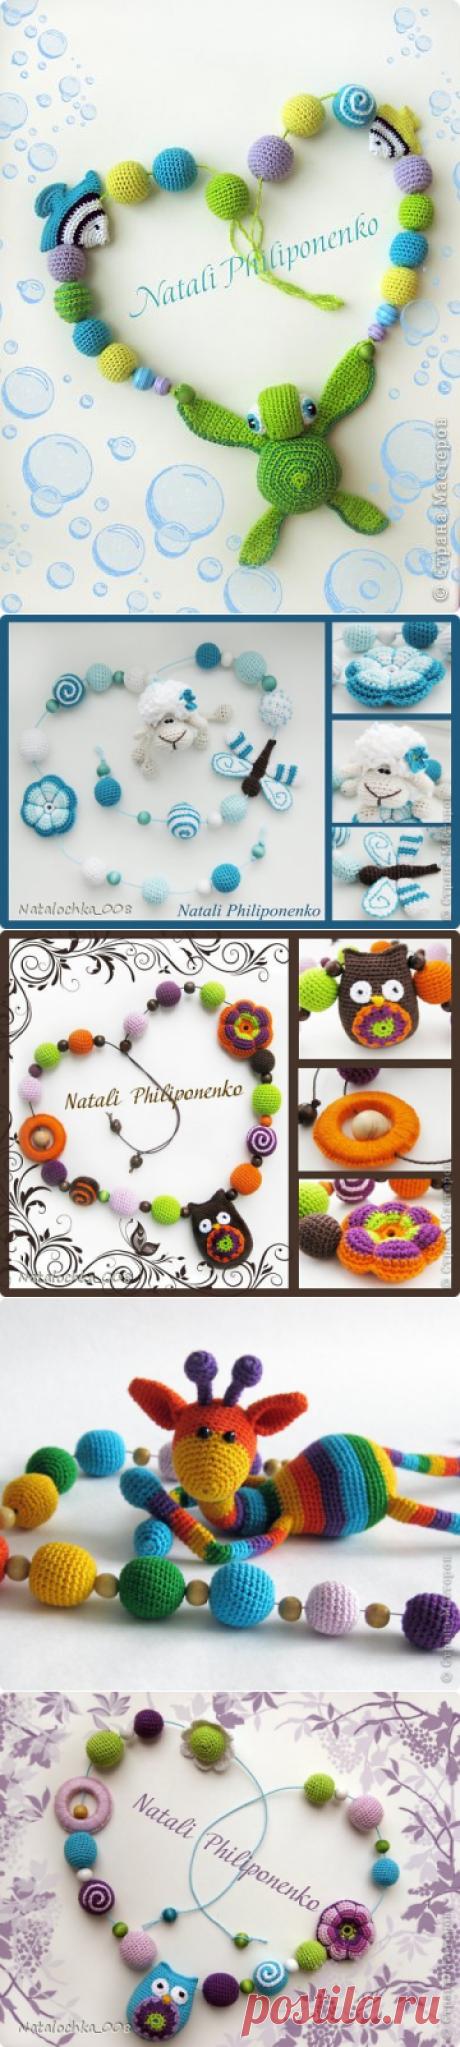 Слингобусы замечательные и очень разные  от Natalochka_008